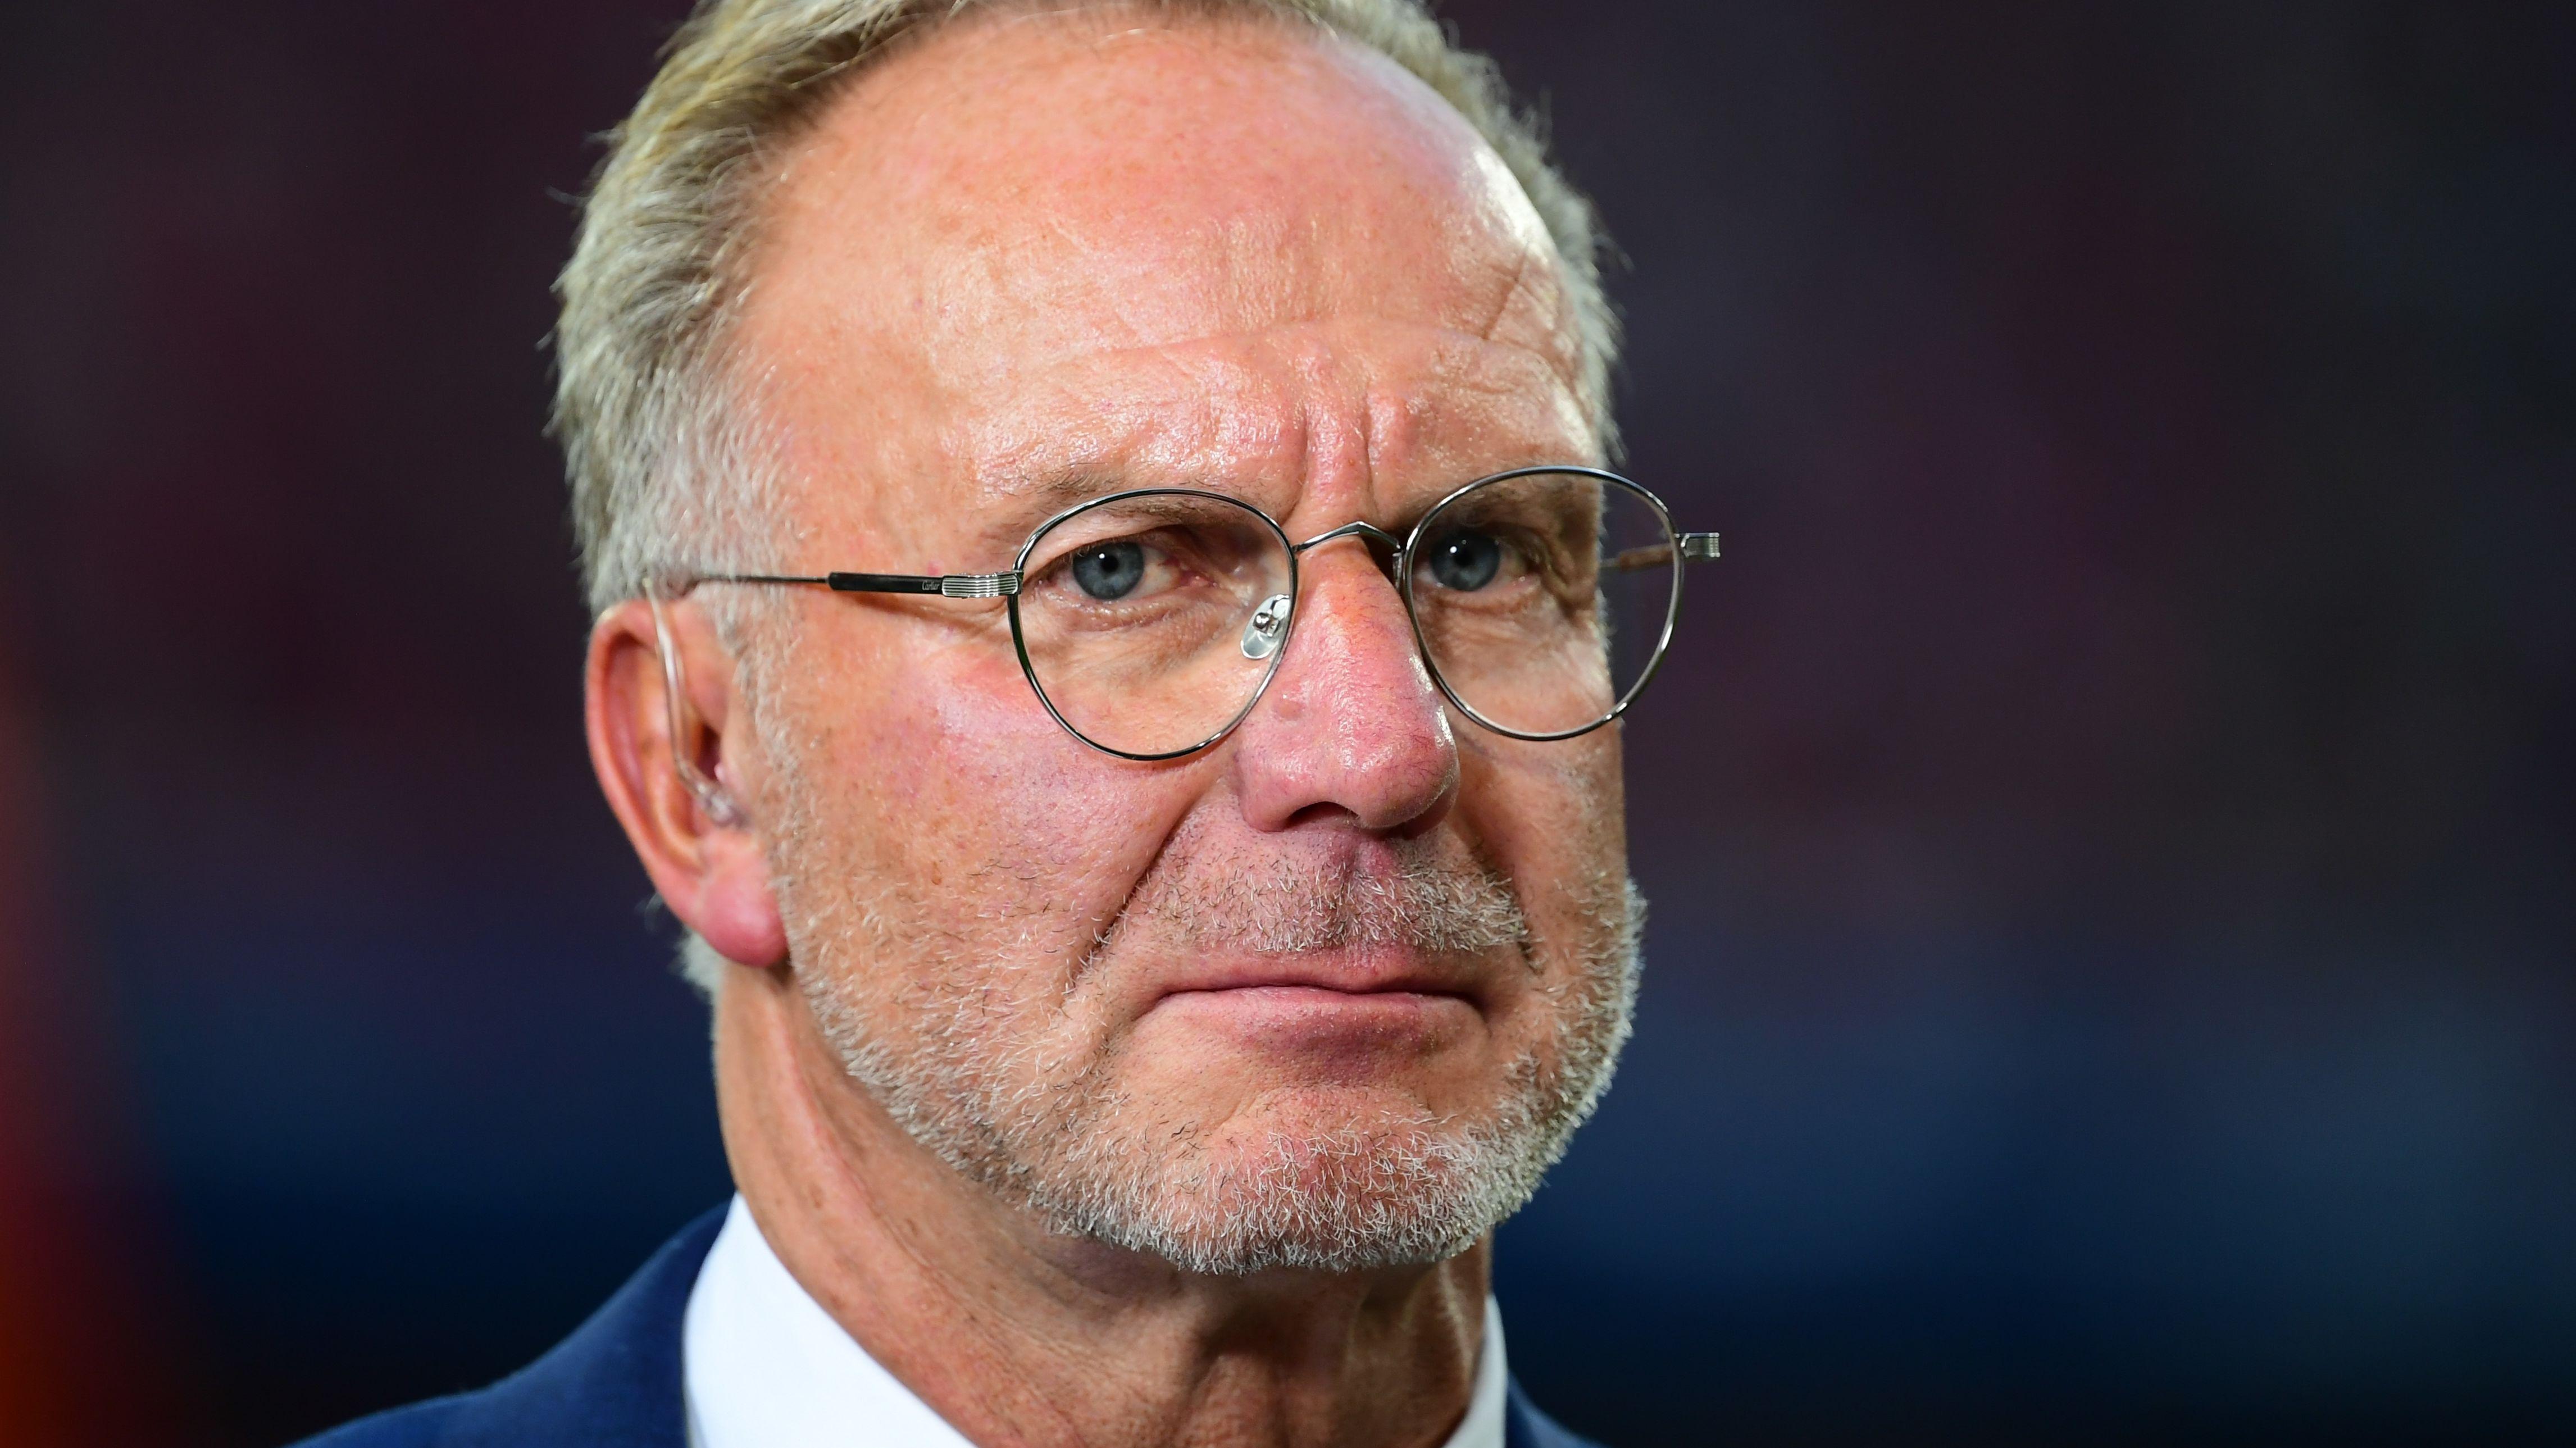 Fußball Audi Cup 2019 Bayern München - Fenerbahce Istanbul am 30.07.2019 in der Allianz Arena in München Karl-Heinz Rummenigge